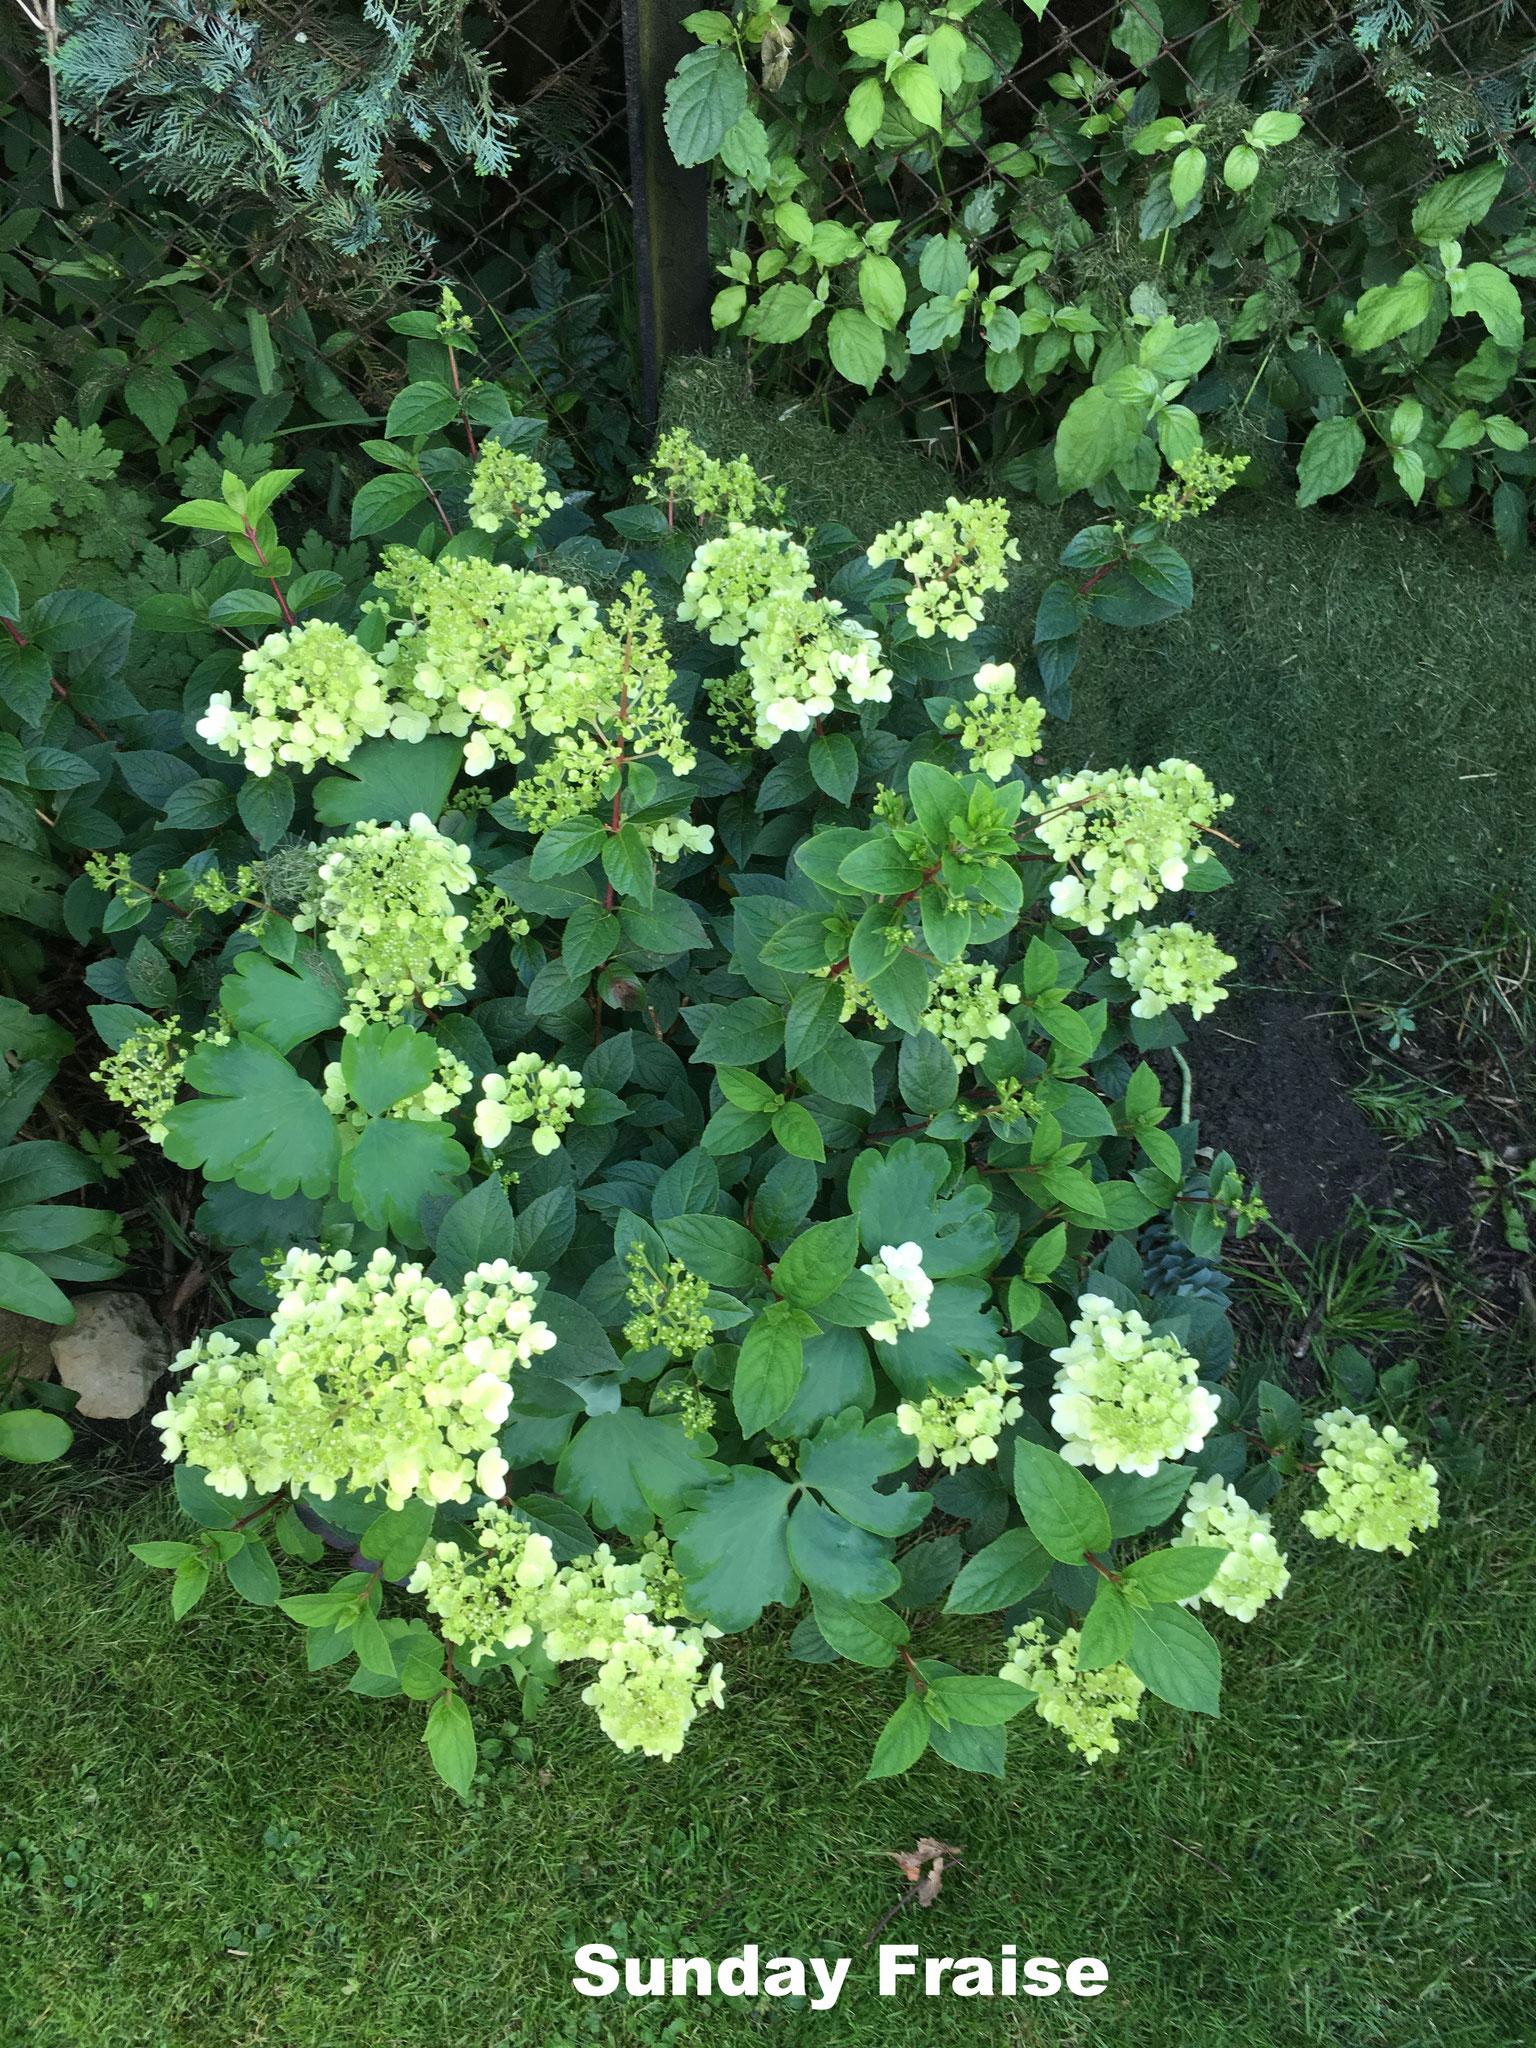 Hortensie paniculata Rispenhortensie Sunday fraise weiß bis rot im Herbst